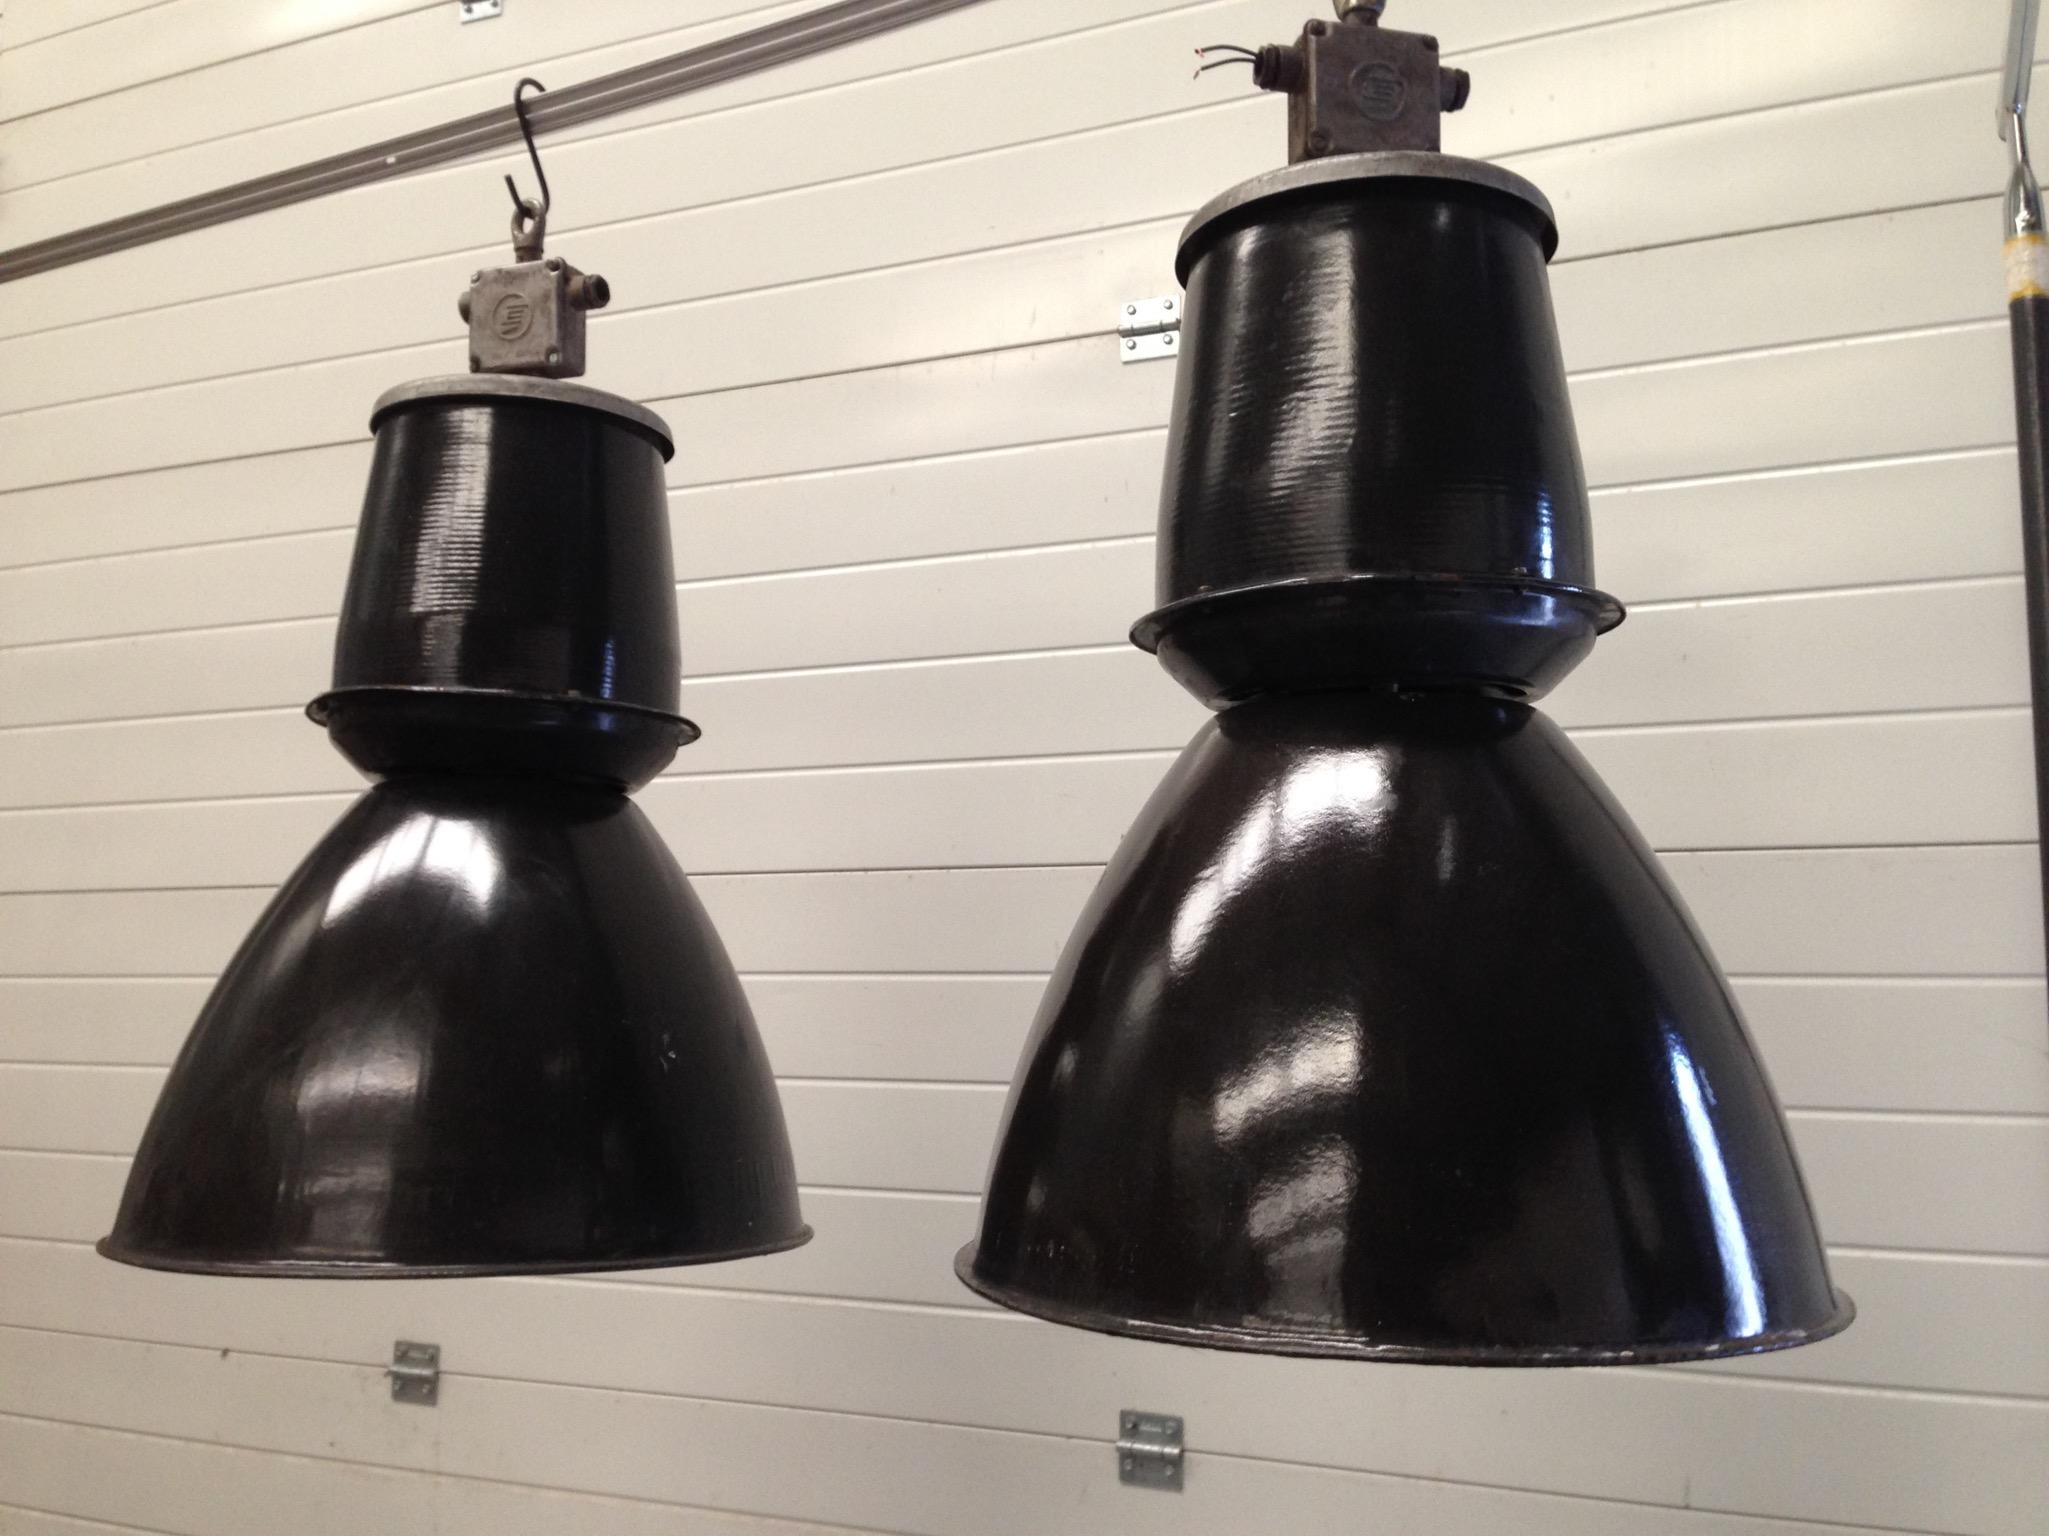 Gebruikte Industriele Lampen : Industriele lampen emaille lampen tjechie landzicht houtsberg